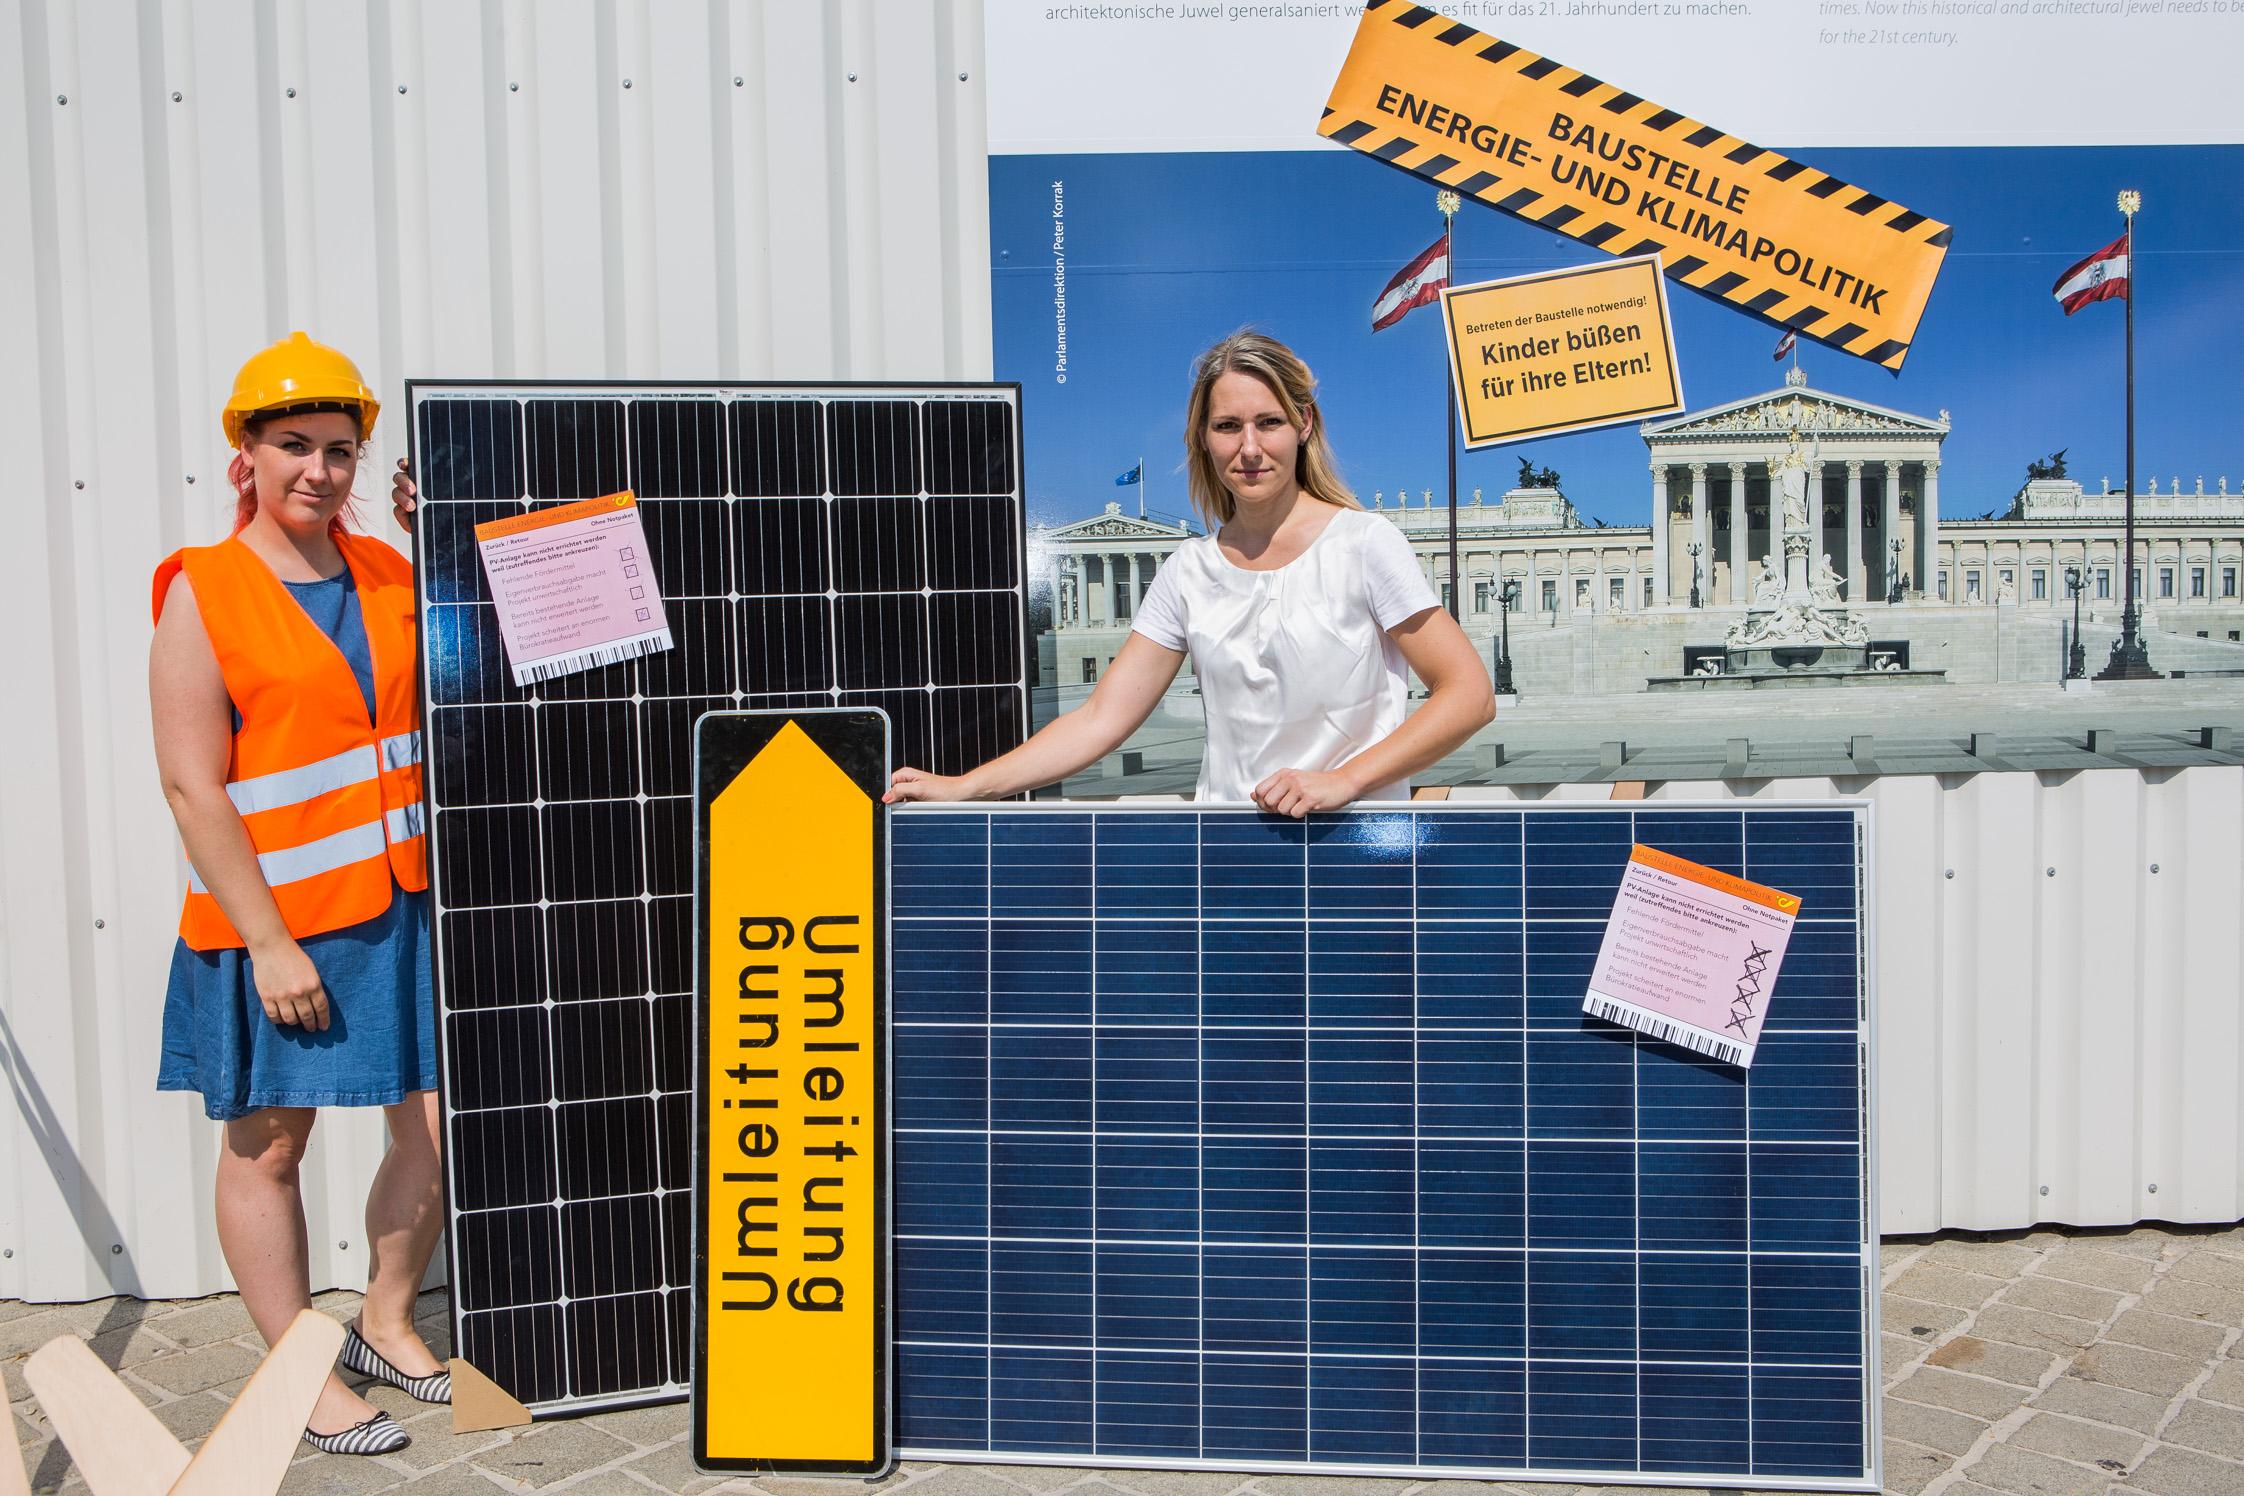 PK_Klimapolitik_092.jpg